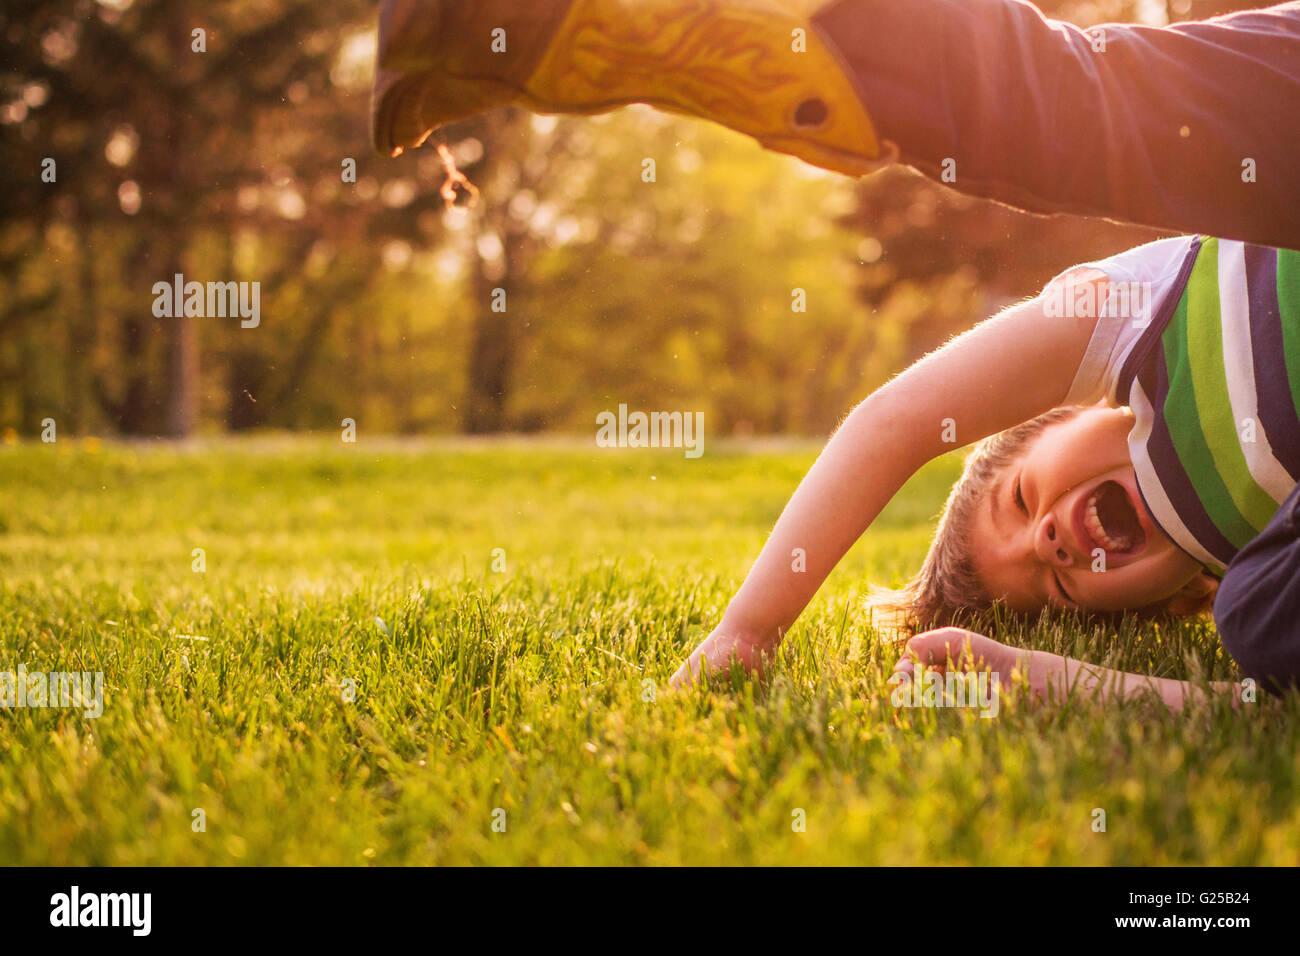 Garçon rire et sur le matériel roulant sur l'herbe dans le jardin Photo Stock